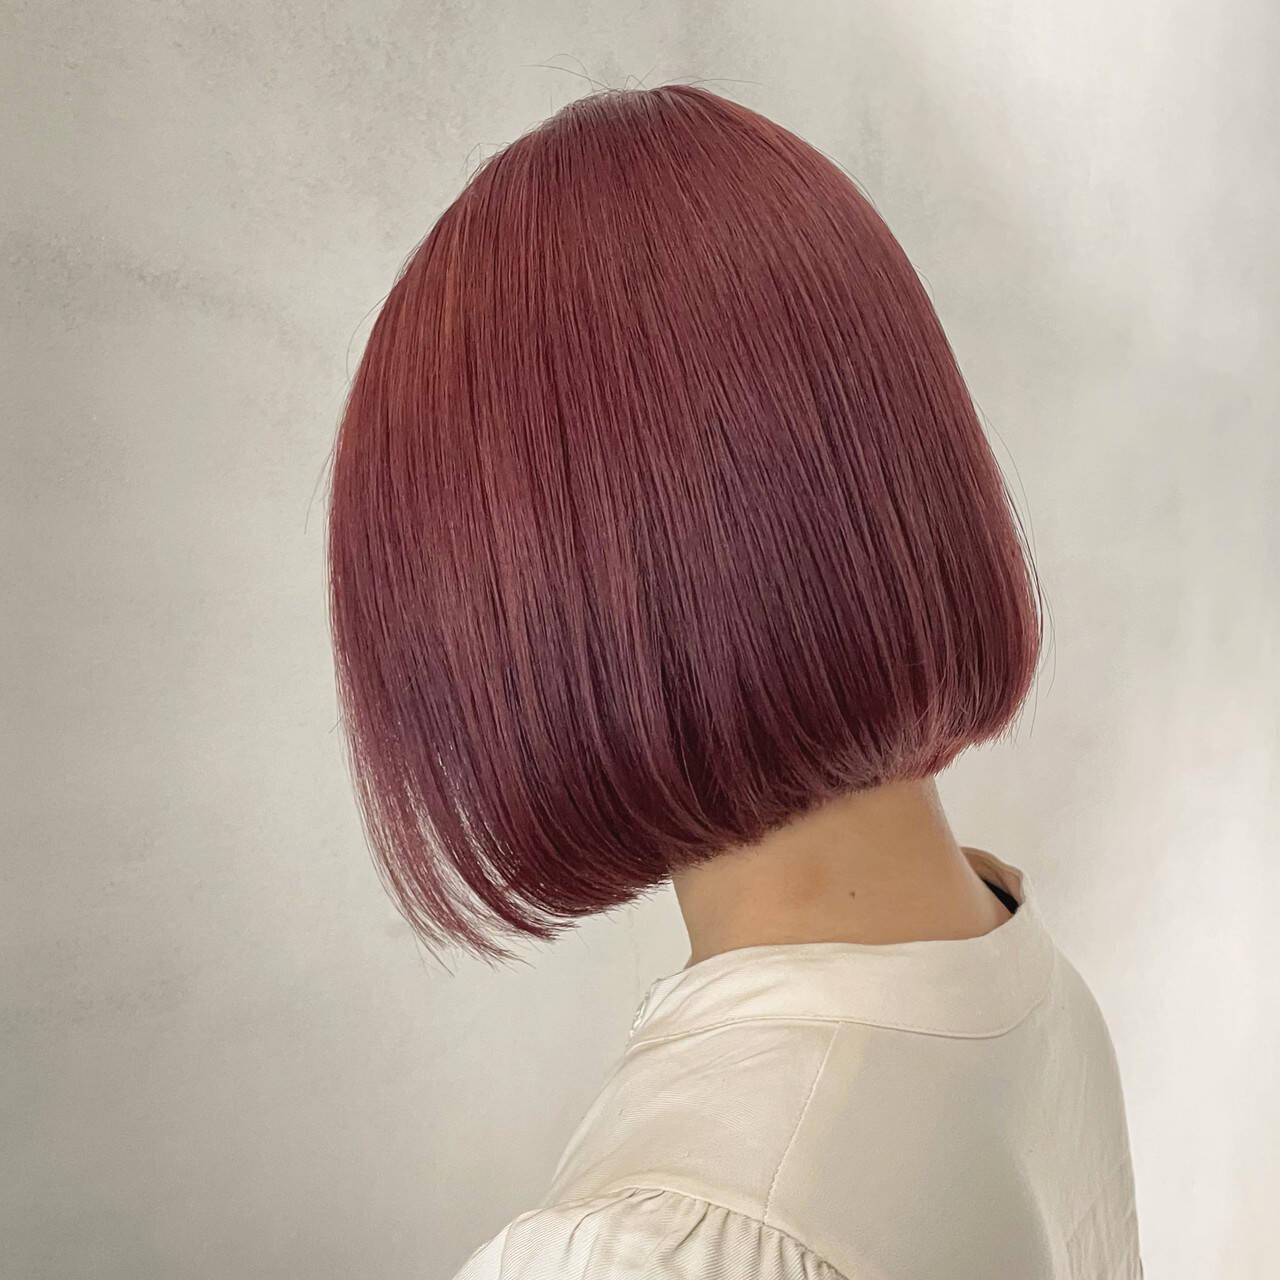 ボブ フェミニン ダブルカラー ピンクブラウンヘアスタイルや髪型の写真・画像